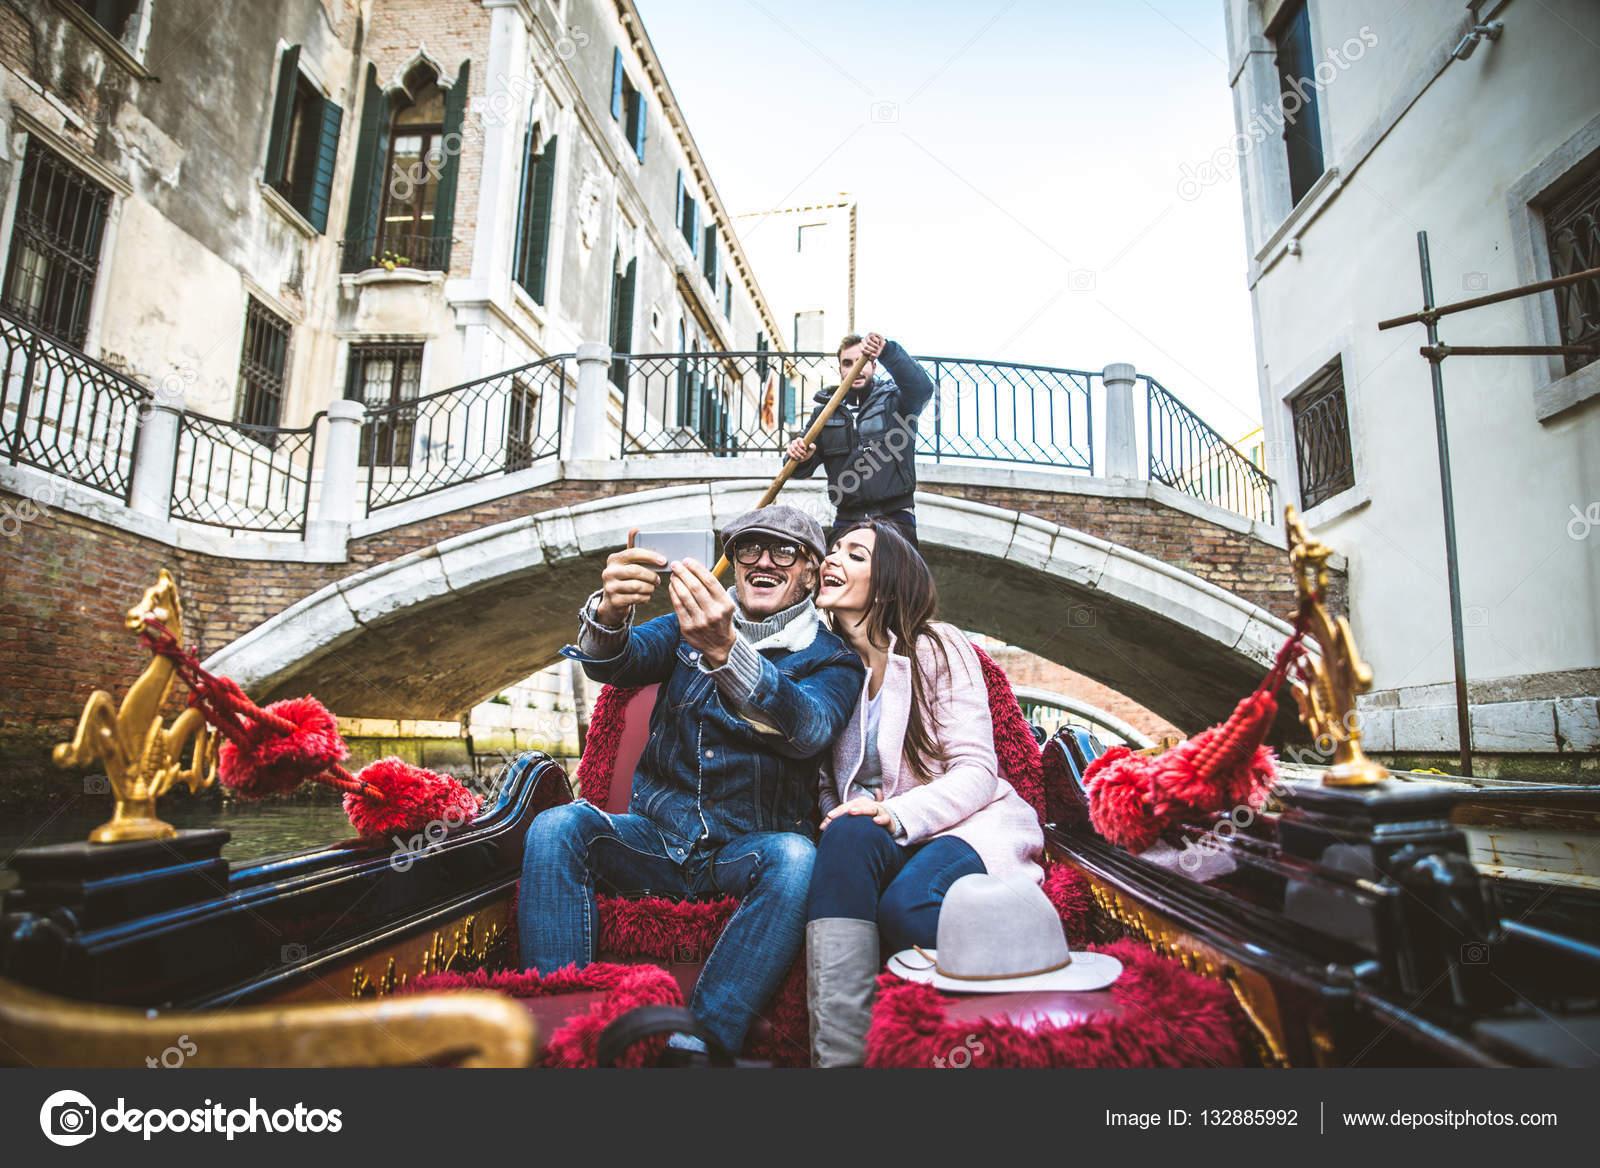 Connu d'amoureux en gondole vénitienne — Photo #132885992 GK39